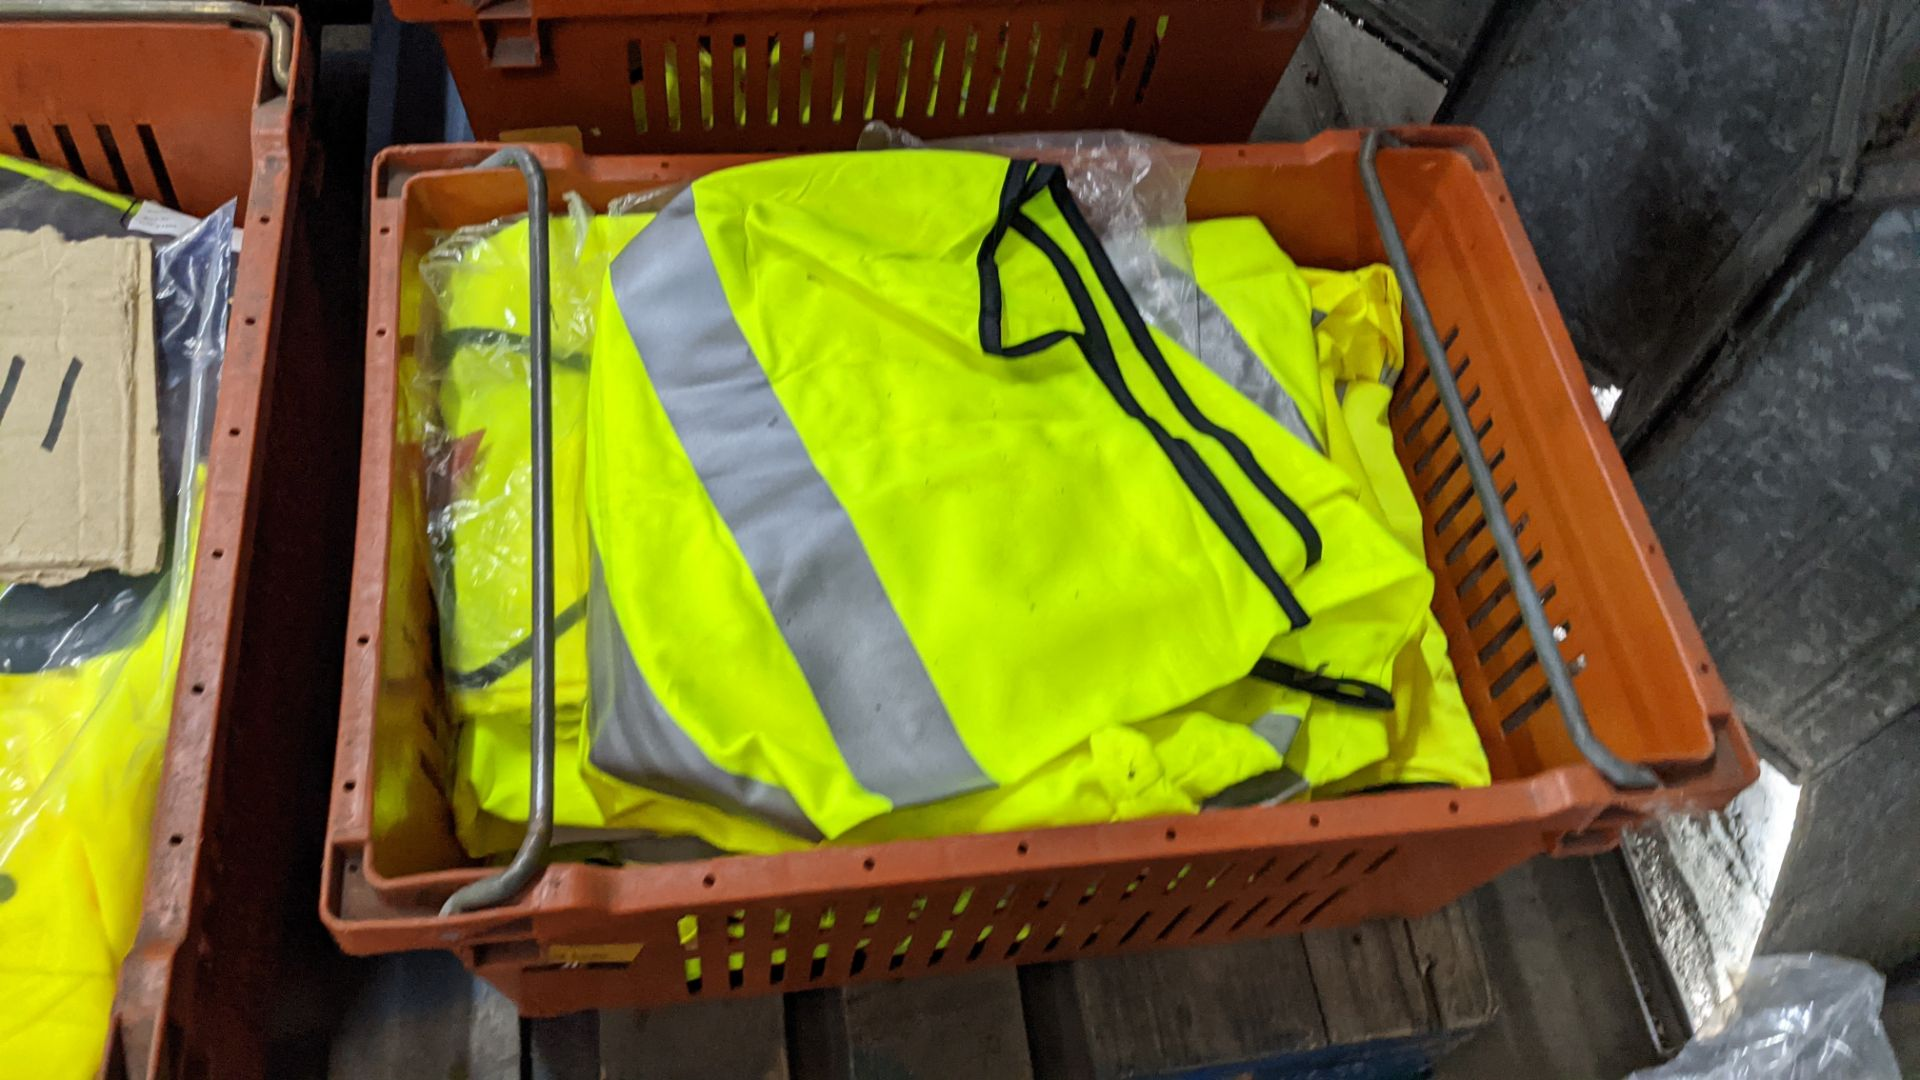 20 off yellow hi-vis vests - Image 3 of 5